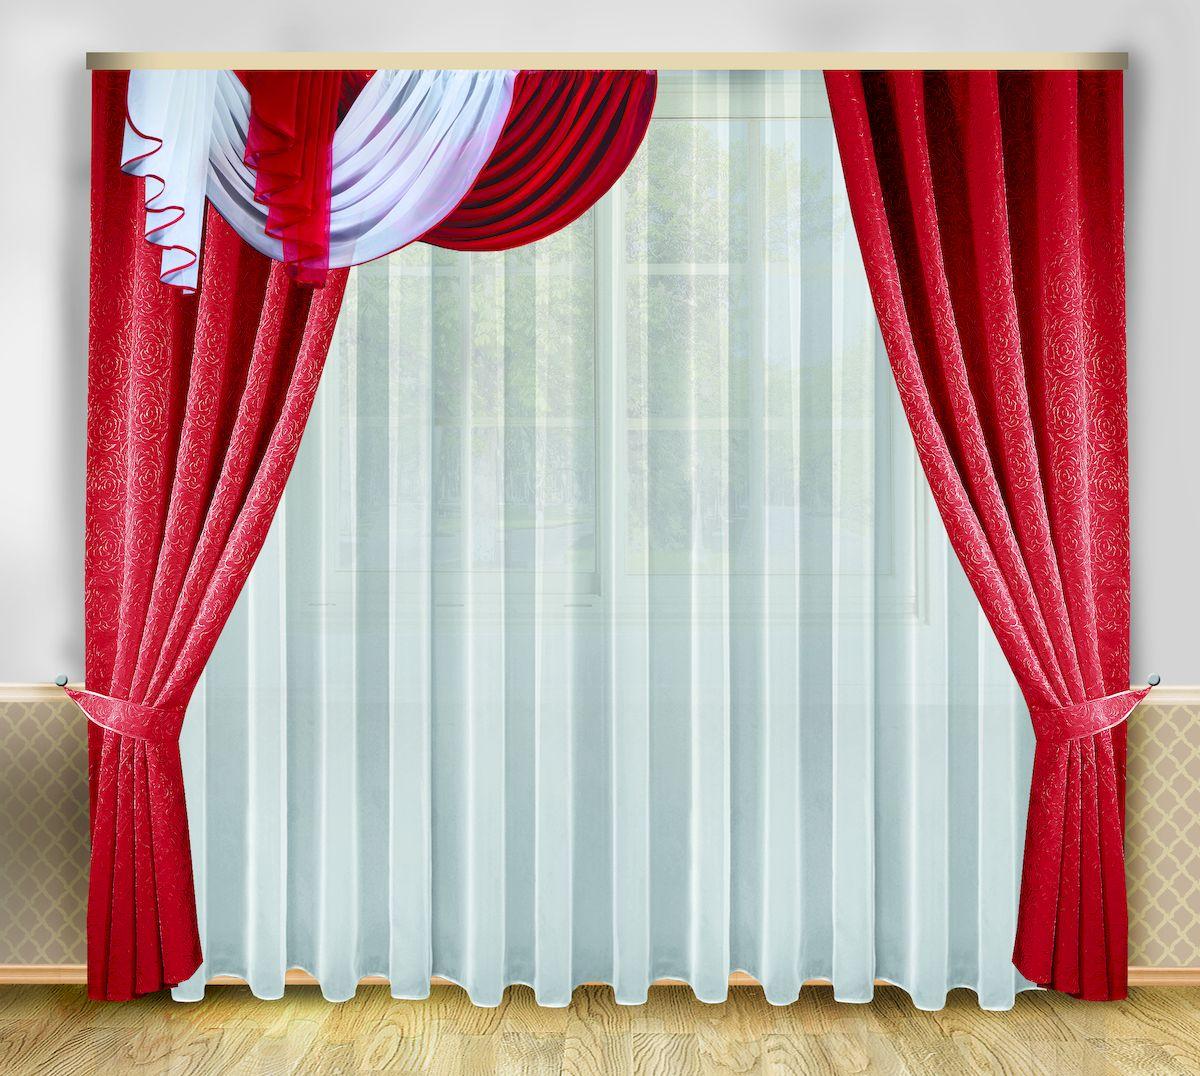 Комплект штор Zlata Korunka, на ленте, цвет: бордовый, белый, высота 250 см. 66626KGB GX-3Роскошный комплект штор Zlata Korunka, выполненный из полиэстера, великолепно украсит любое окно. Комплект состоит из тюля, ламбрекена, двух штор и двух подхватов. Изящный узор и приятная цветовая гамма привлекут к себе внимание и органично впишутся в интерьер помещения. Этот комплект будет долгое время радовать вас и вашу семью!Комплект крепится на карниз при помощи ленты, которая поможет красиво и равномерно задрапировать верх.В комплект входит: Тюль: 1 шт. Размер (Ш х В): 400 см х 250 см. Ламбрекен: 1 шт. Размер (Ш х В): 200 см х 40 см. Штора: 2 шт. Размер (Ш х В): 138 см х 250 см.Подхват: 2 шт.